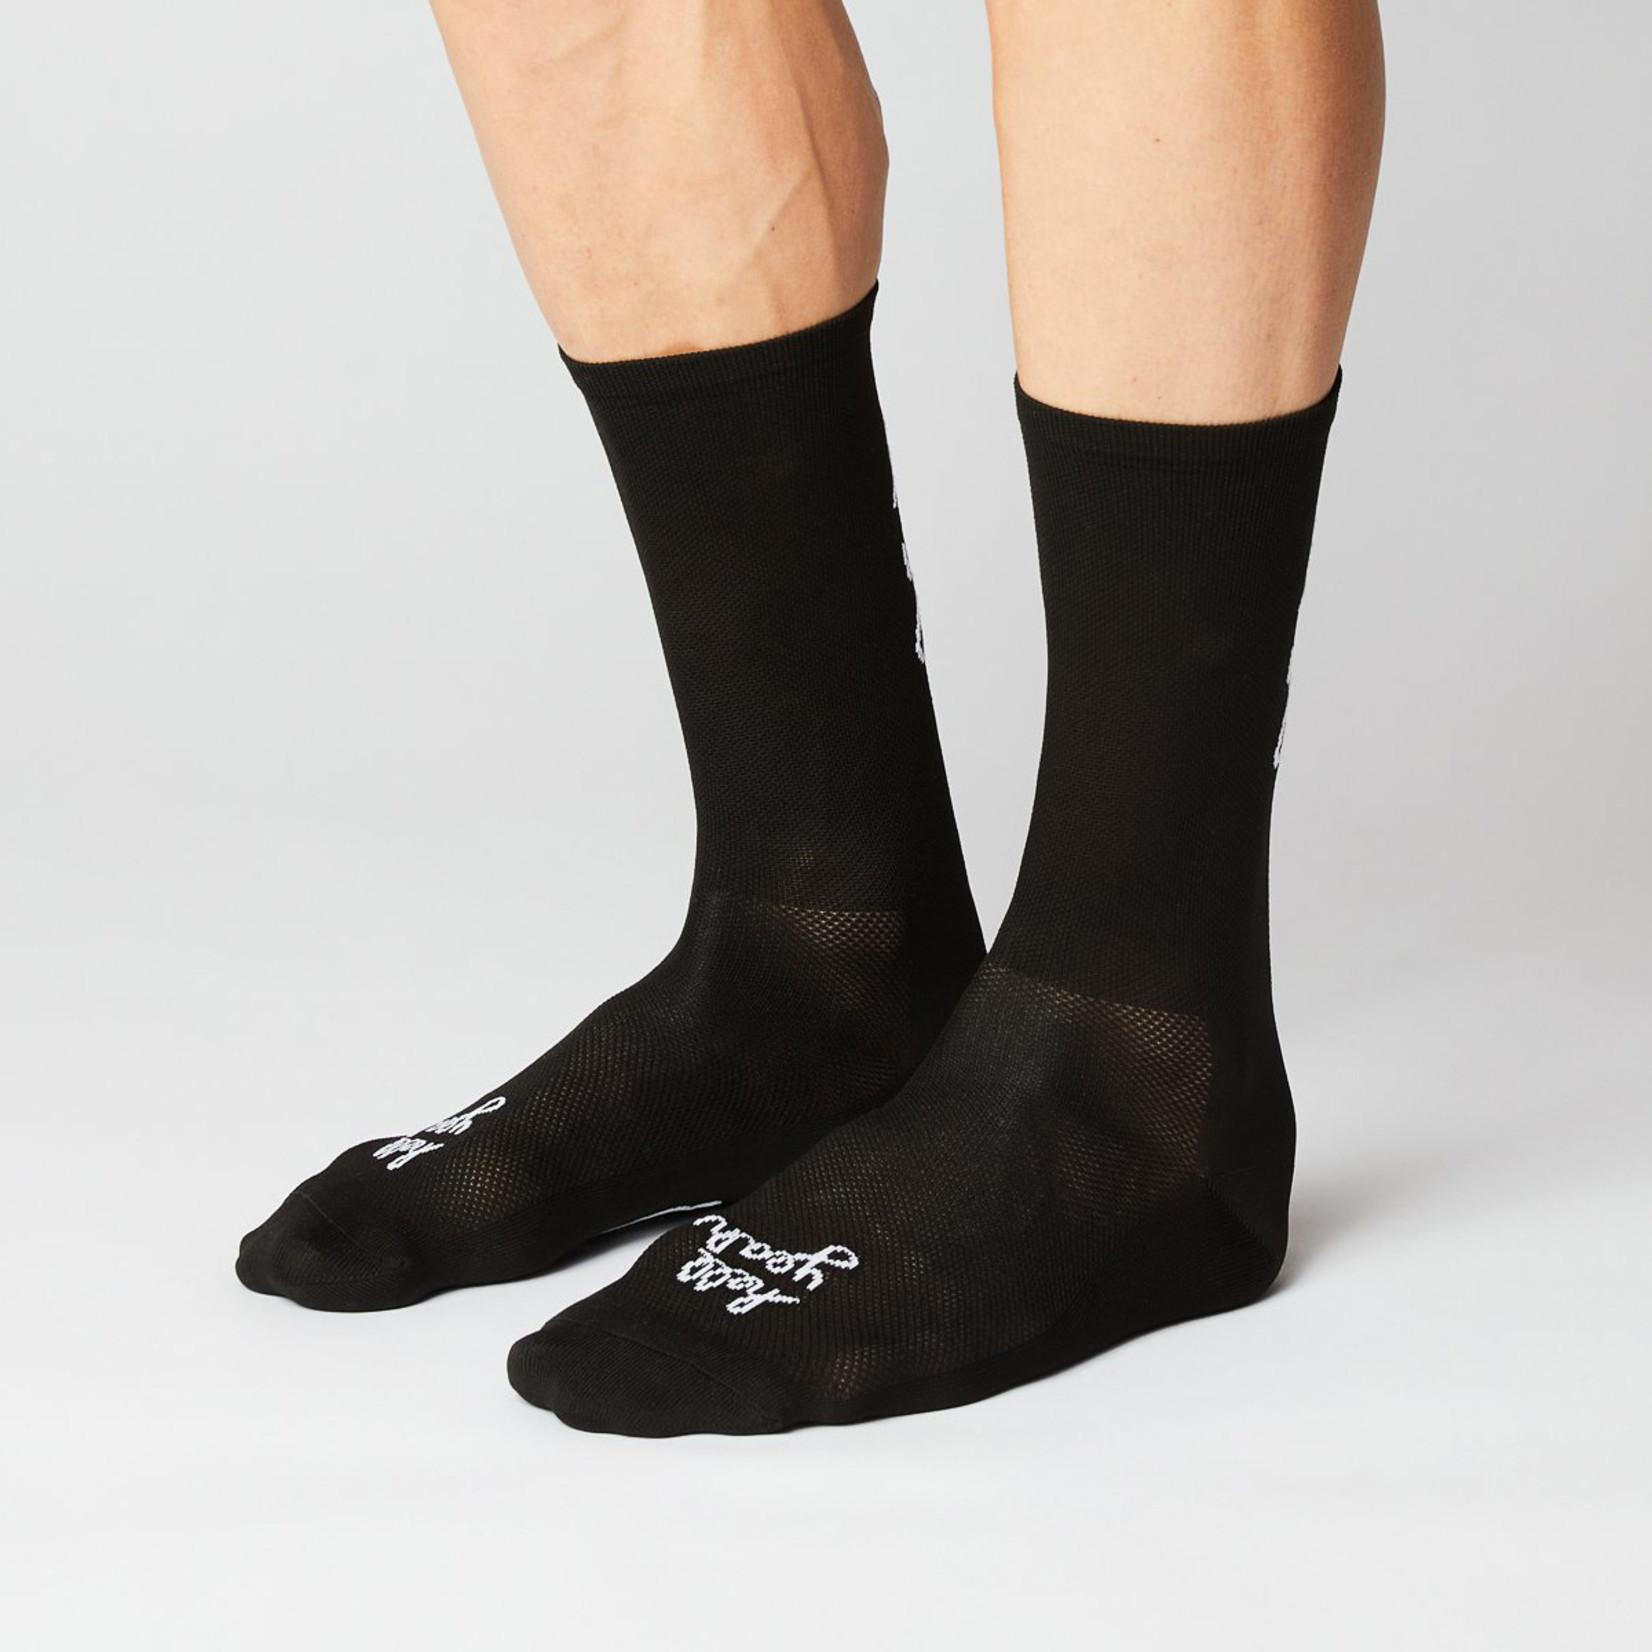 Fingerscrossed FINGERSCROSSED Socks - Hell Yeah 3.0 Black